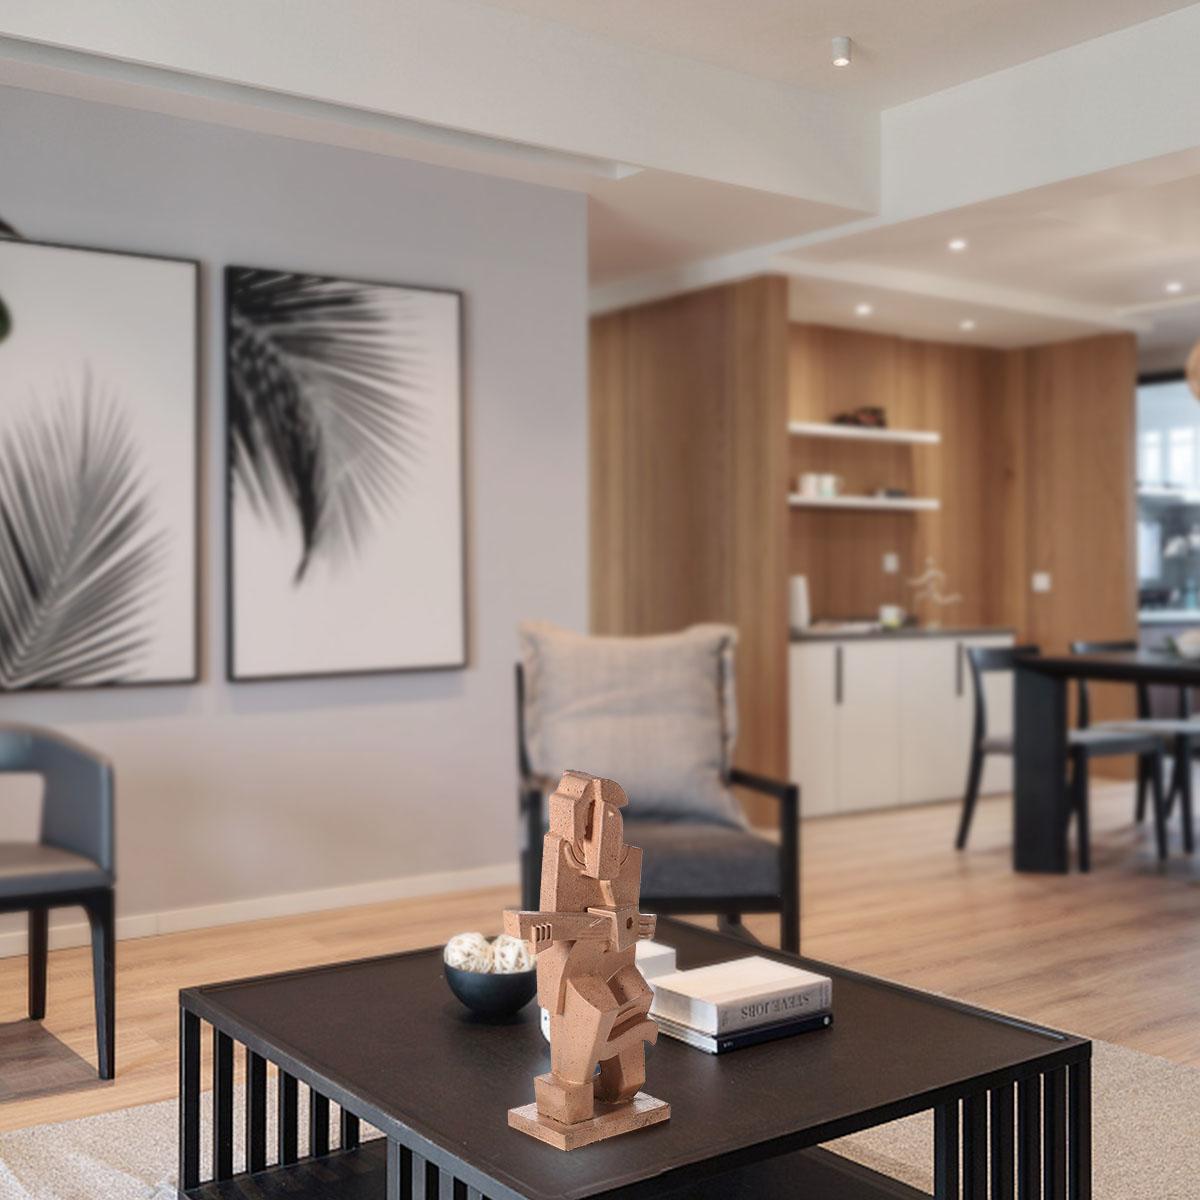 groartig gitarrist kreative dekoration sandstein textur gefhl handwerk abstrakte charakter skulptur wohnzimmer einrichtungsgegenstnde sandstein wohnzimmer - Sandstein Wohnzimmer